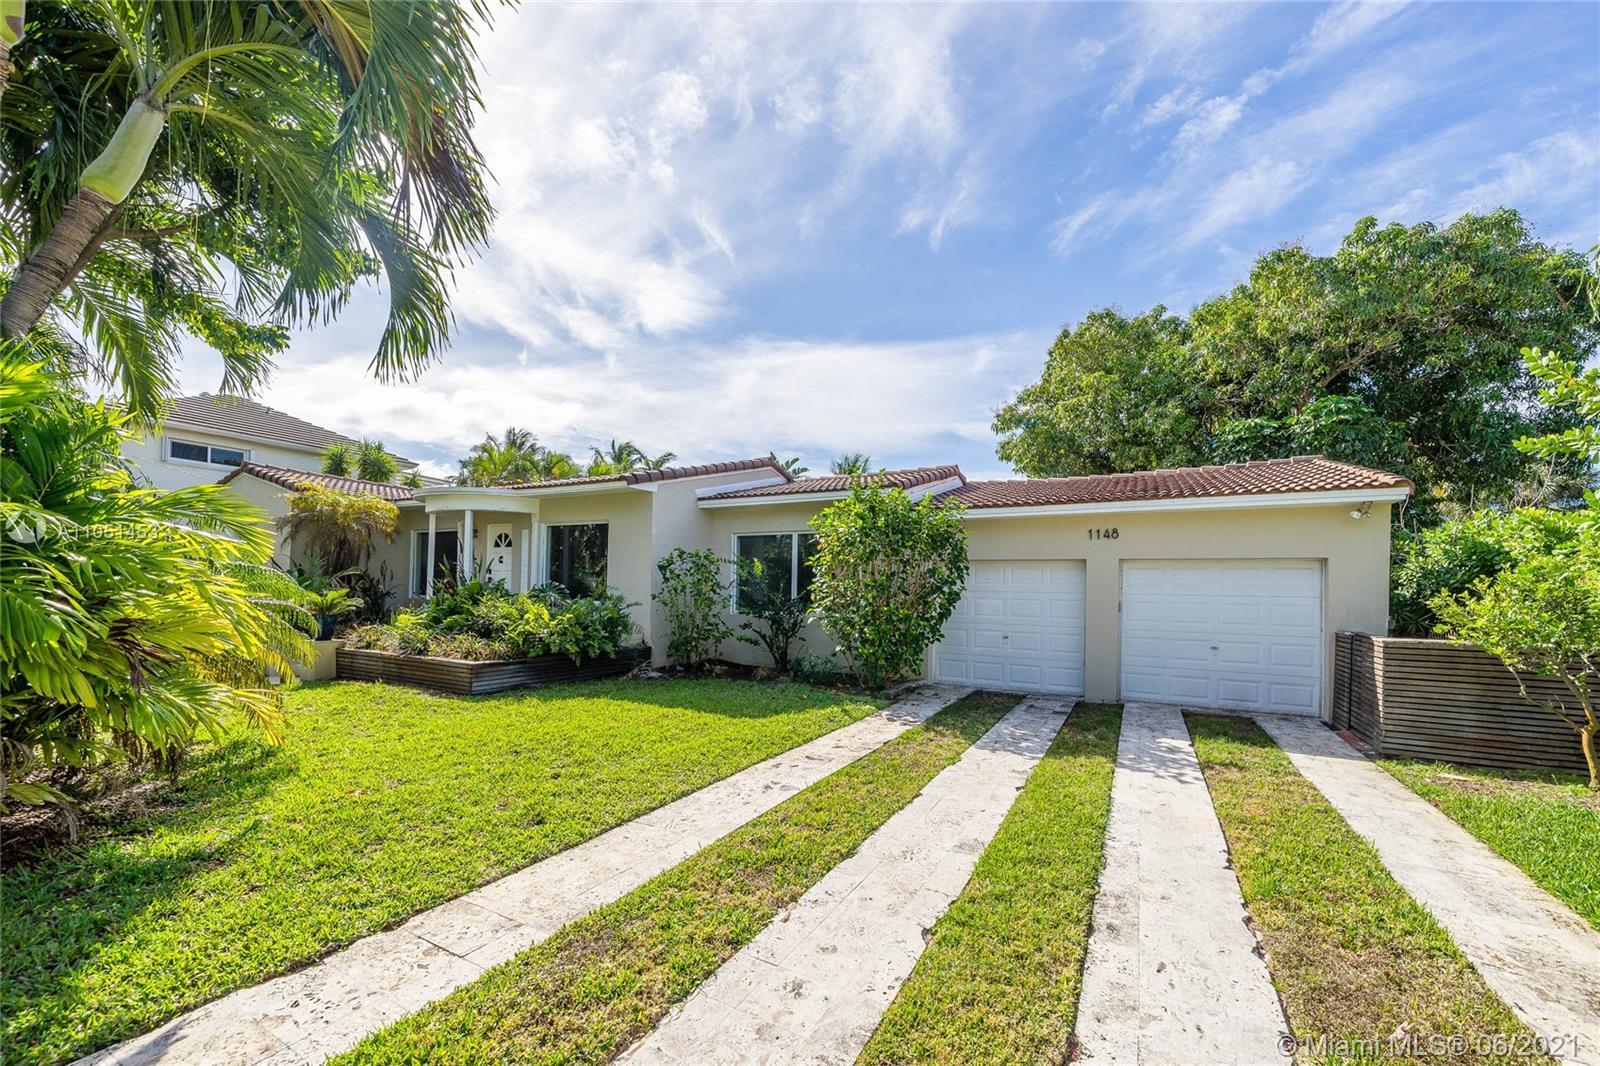 Miami Shores - 1148 NE 105th St, Miami Shores, FL 33138